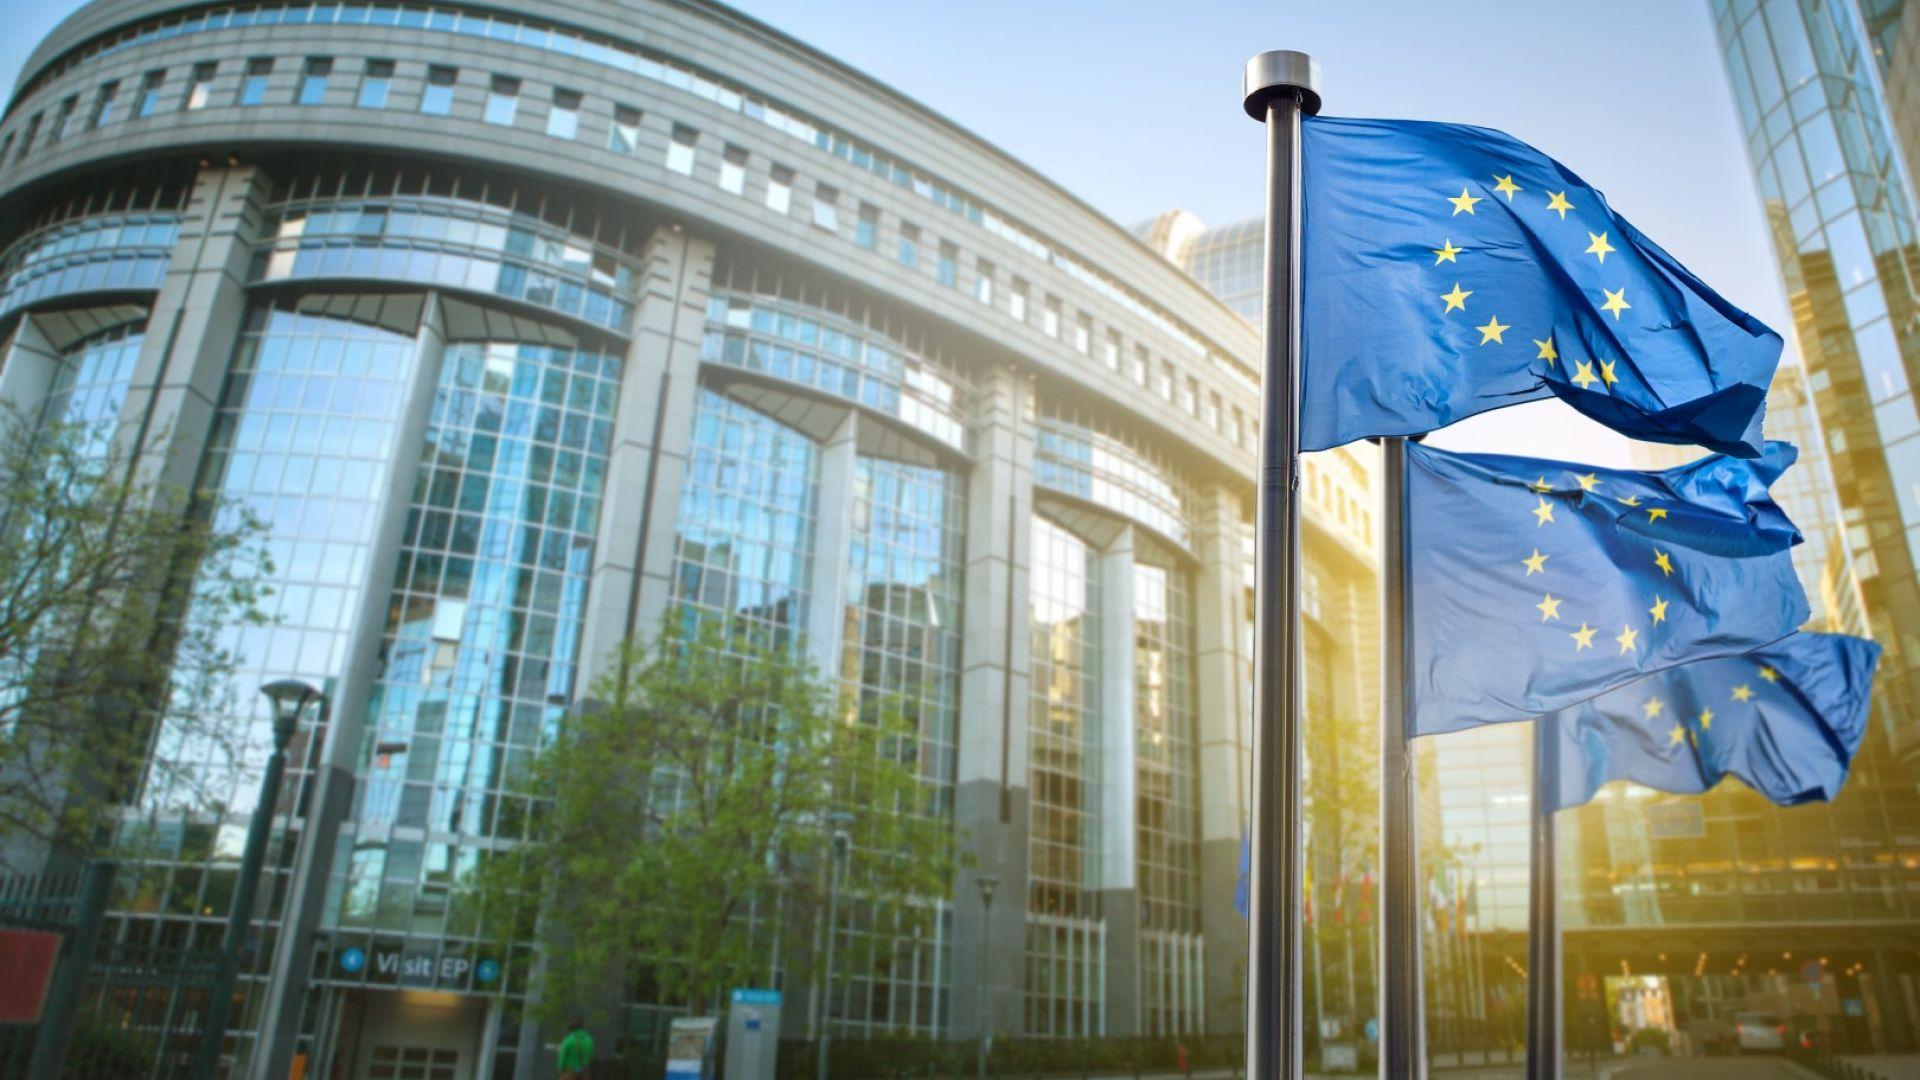 Проучване: ГЕРБ вкарват в Европарламента 6-има депутати, a БСП - 5-има (графики)